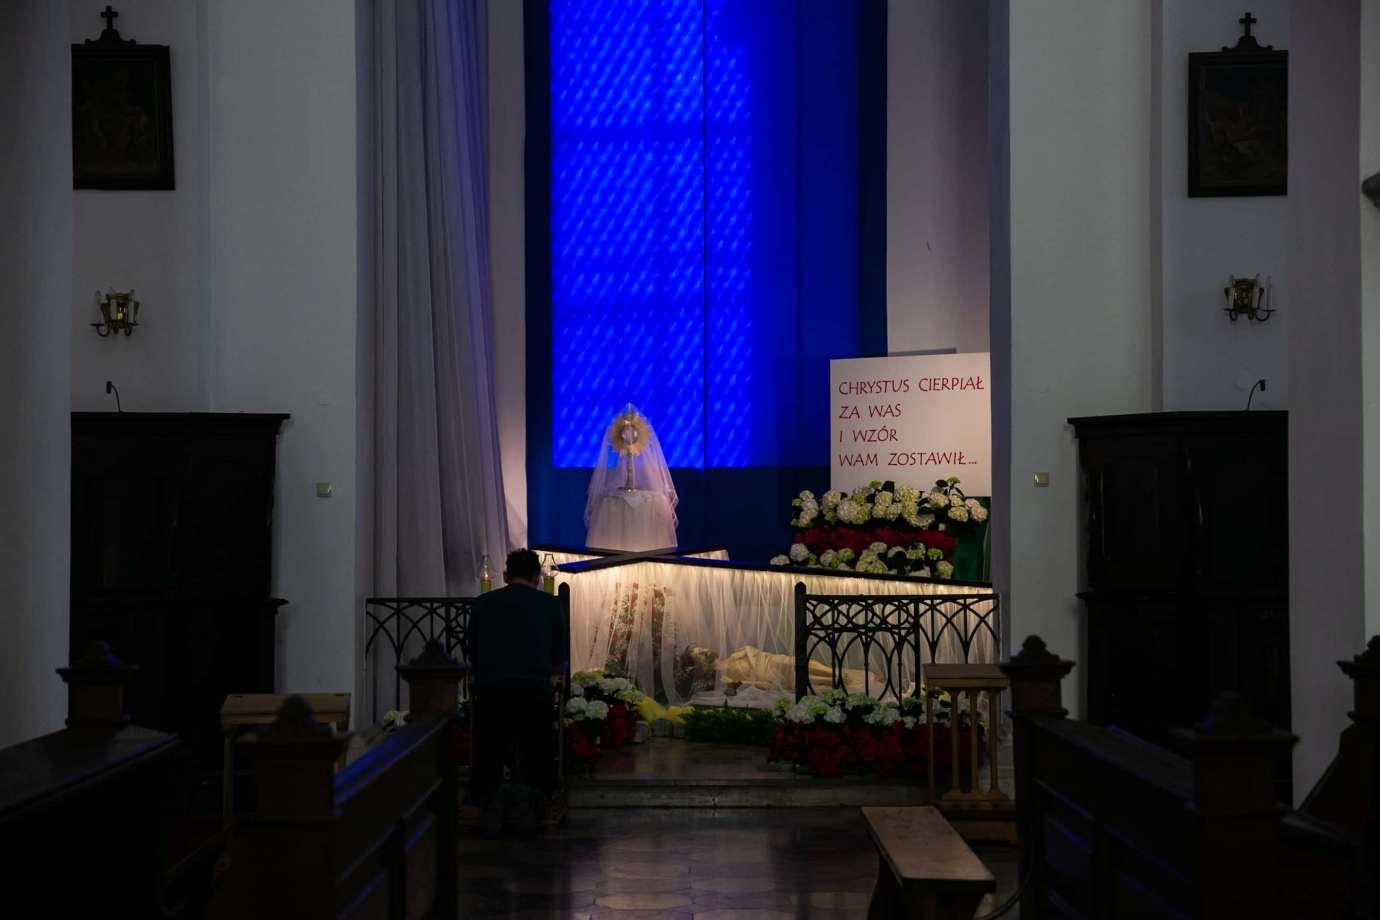 parafia katedralna zmartwychwstania panskiego i sw tomasza apostola w zamosciu 9 Zdjęcia grobów pańskich w zamojskich świątyniach